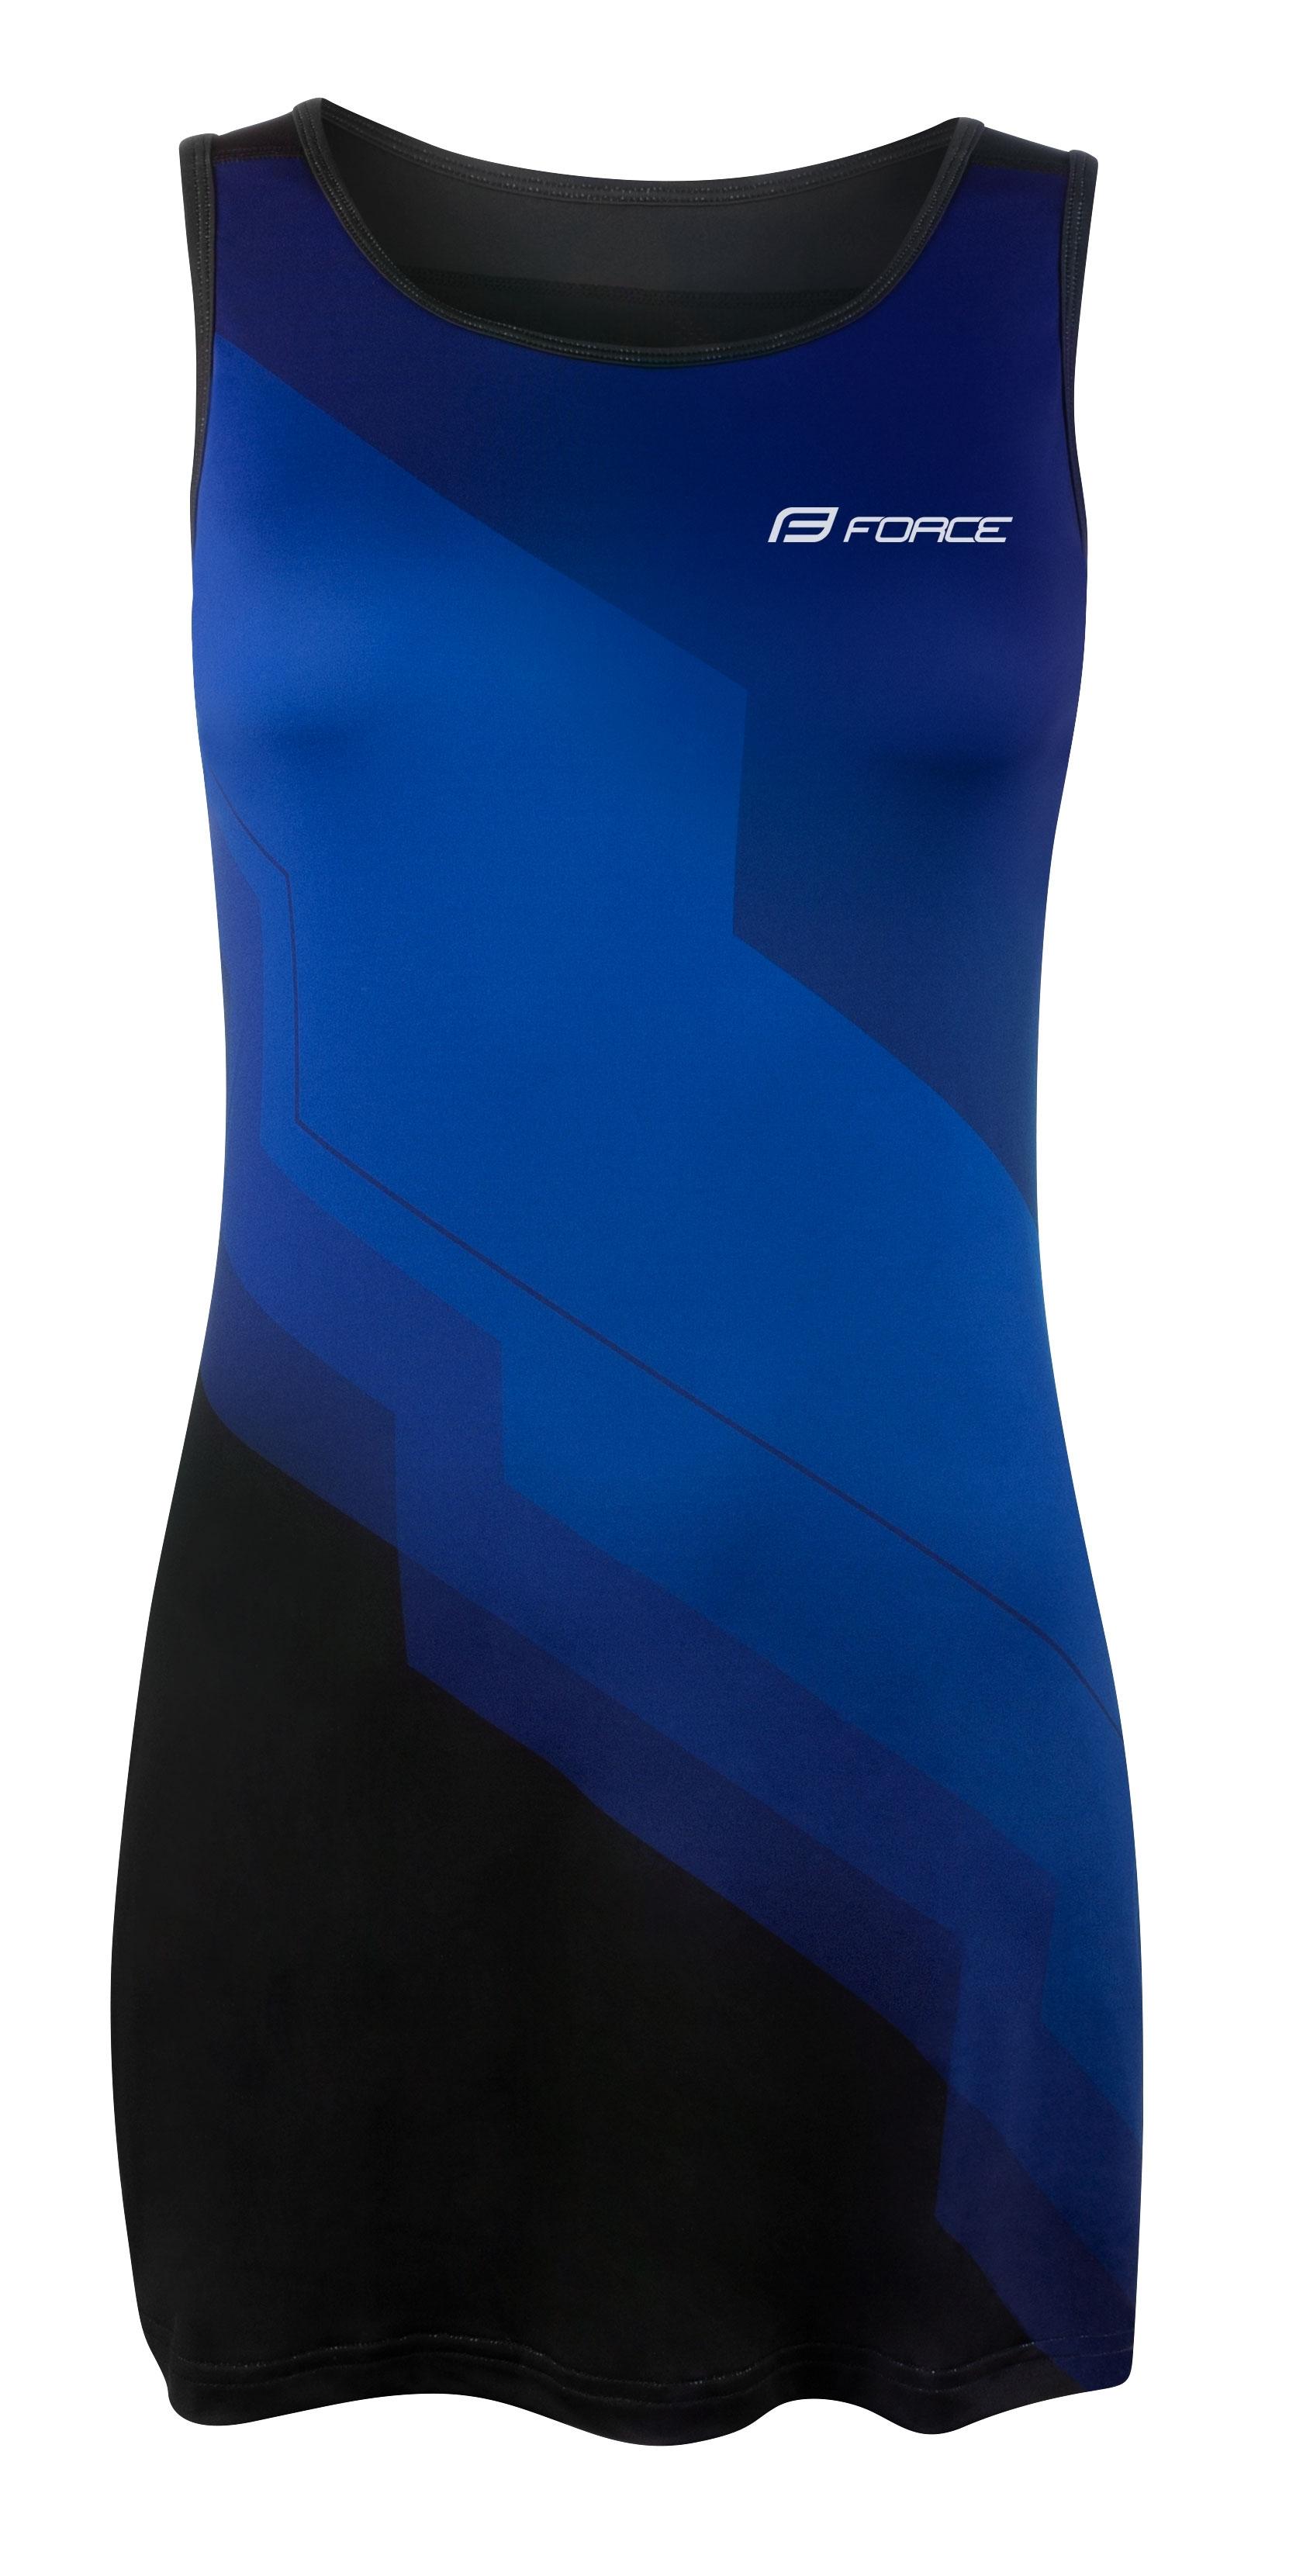 šaty sportovní FORCE ABBY, modro-černé XXL